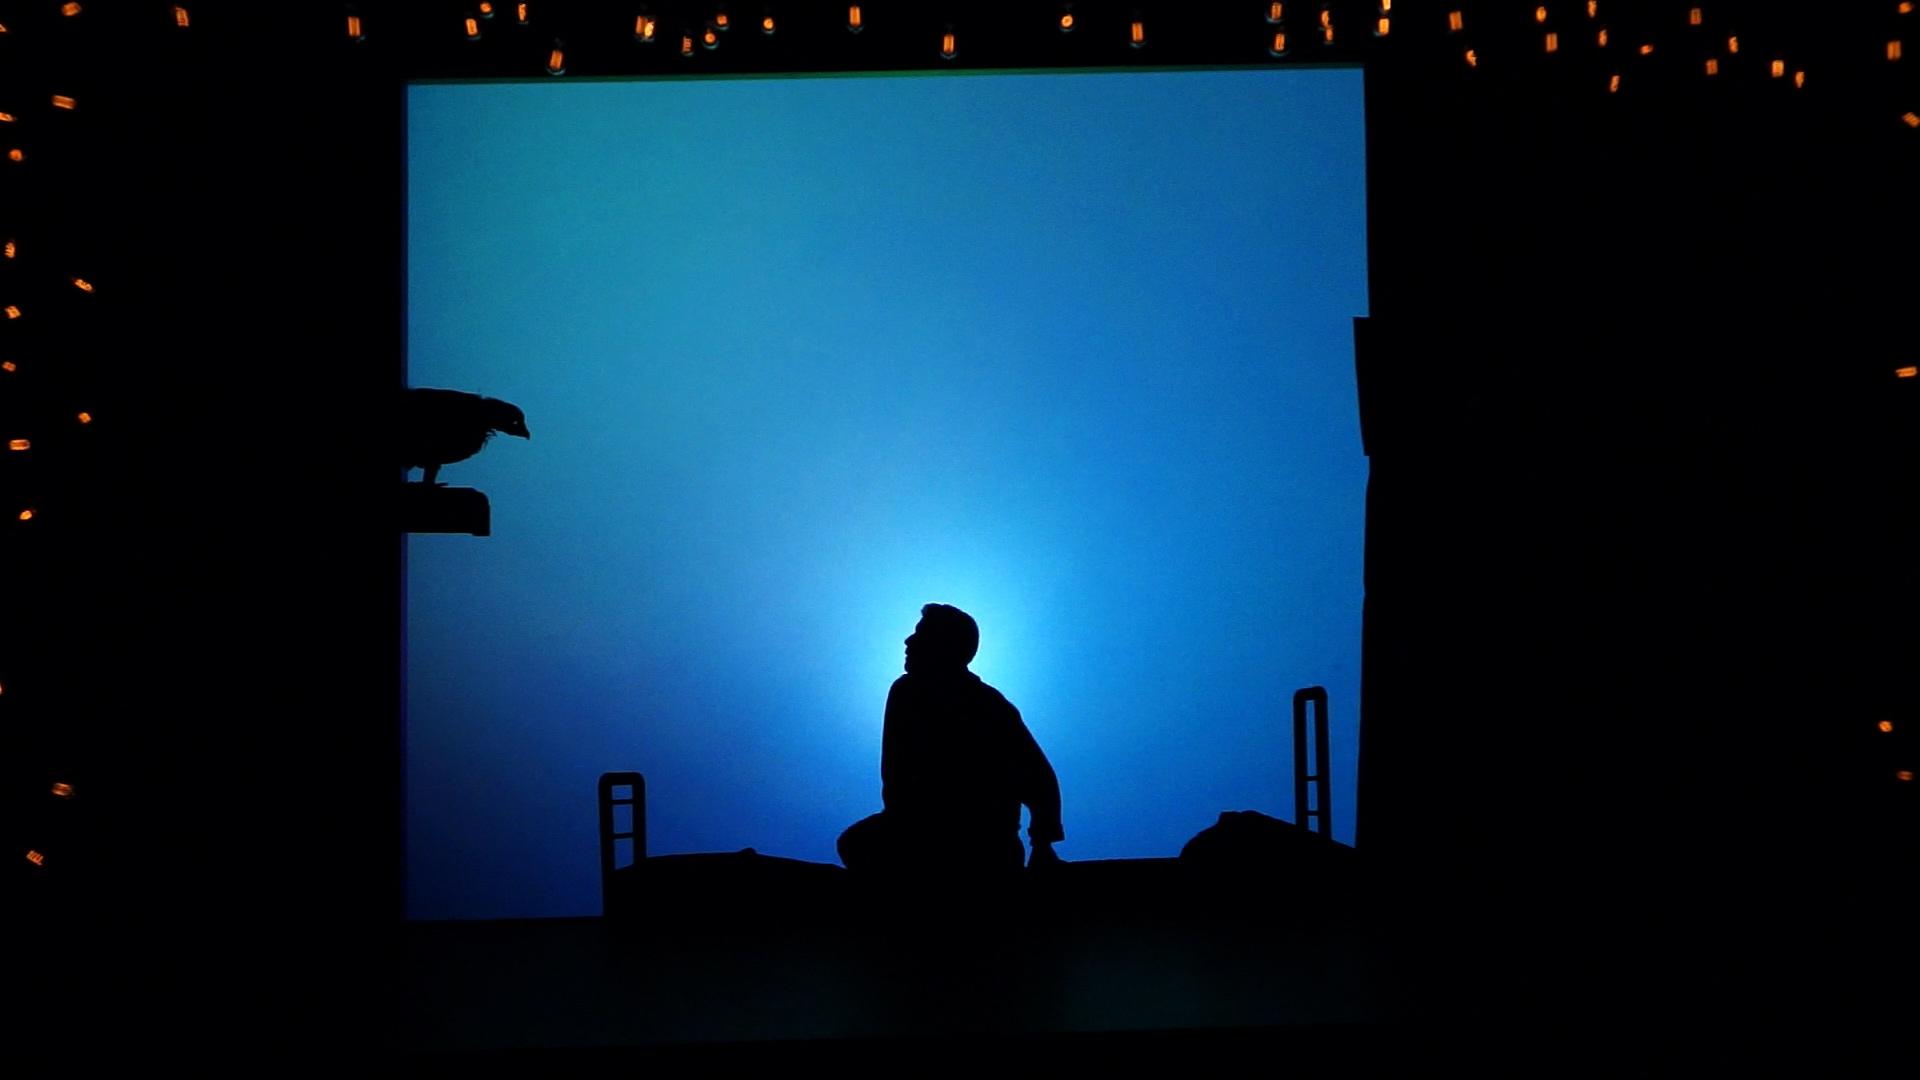 De l'ombre à la lumière Johanny Bert 5 - Blandine Armand - Documentaires